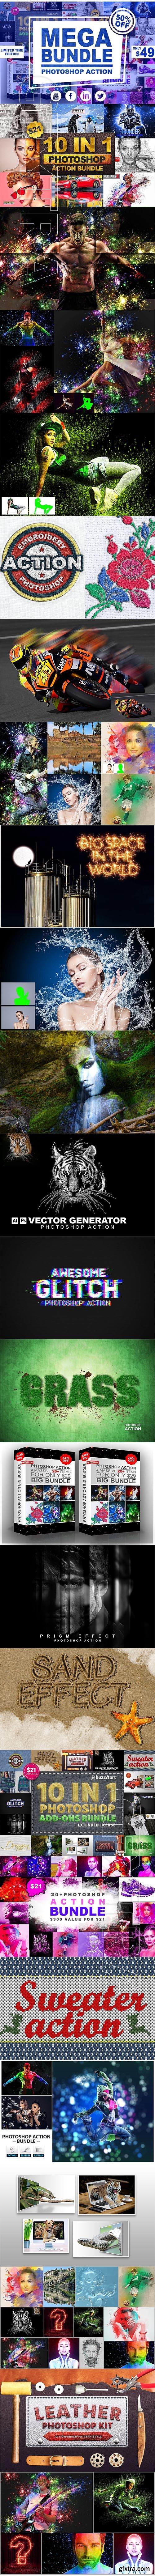 CreativeMarket - Mega Bundle Photoshop Action 2555731